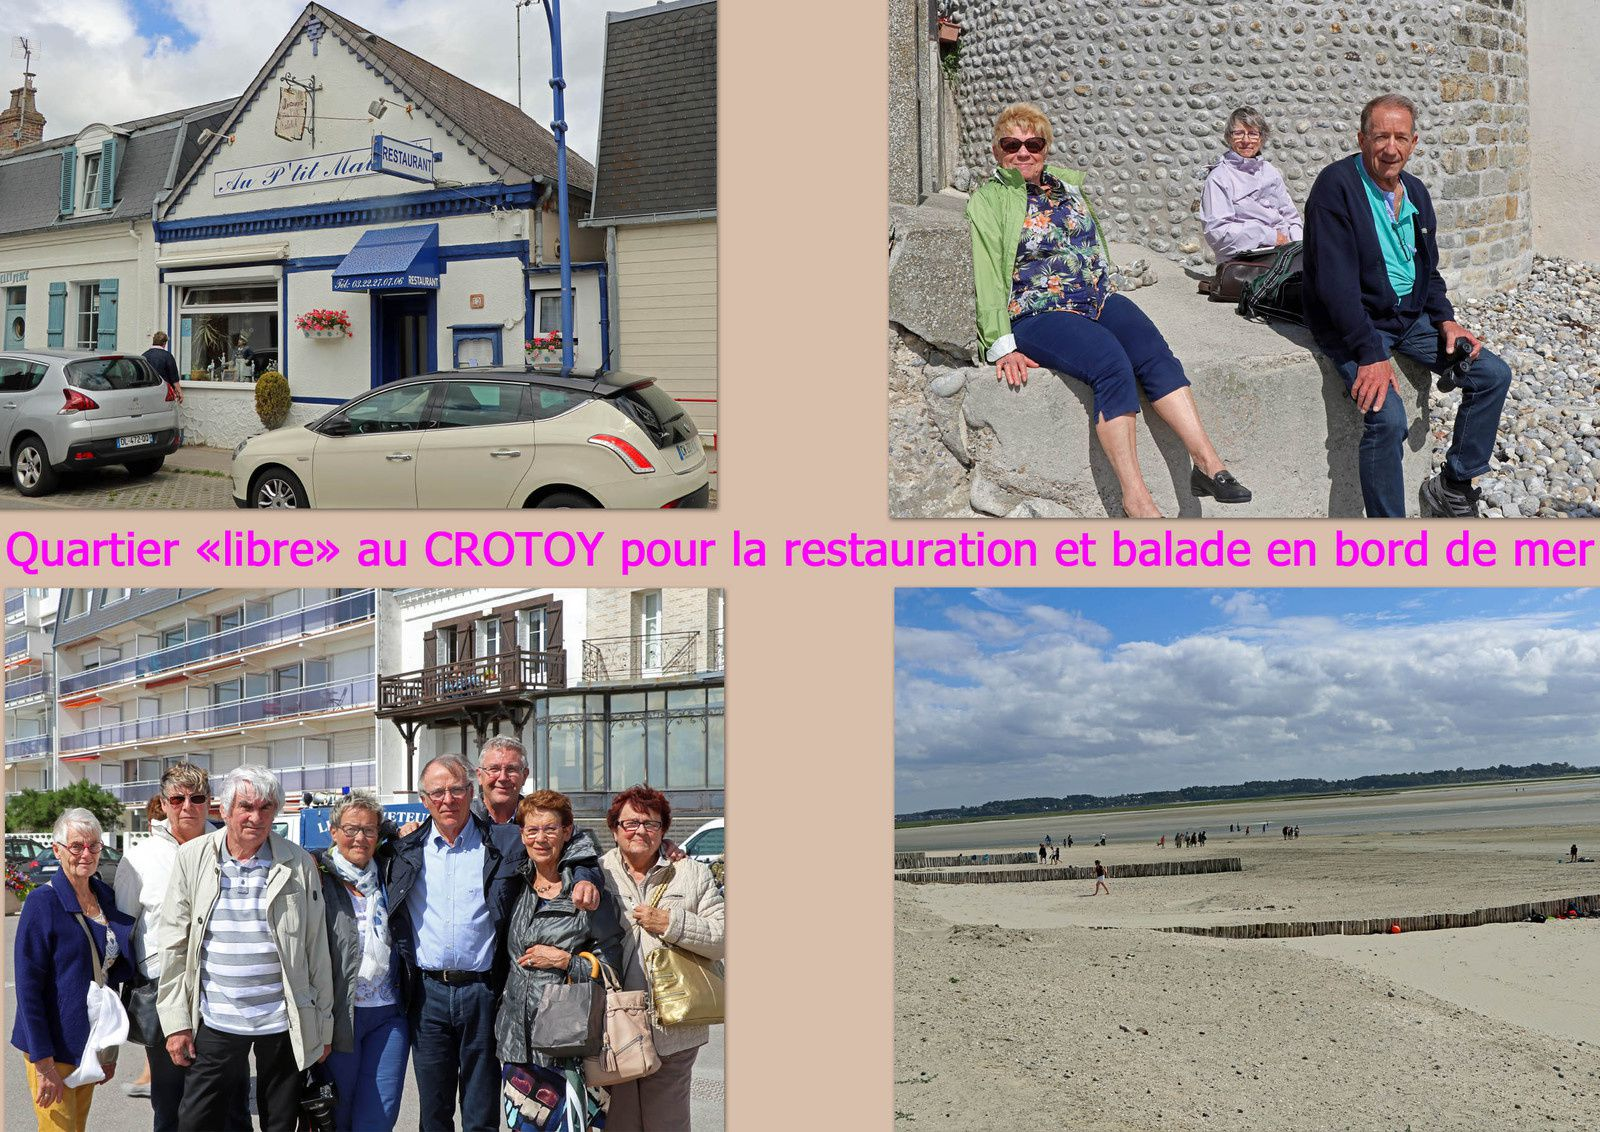 """Quartier """"libre"""" au CROTOY pour la restauration, visites et balade en bord de mer."""